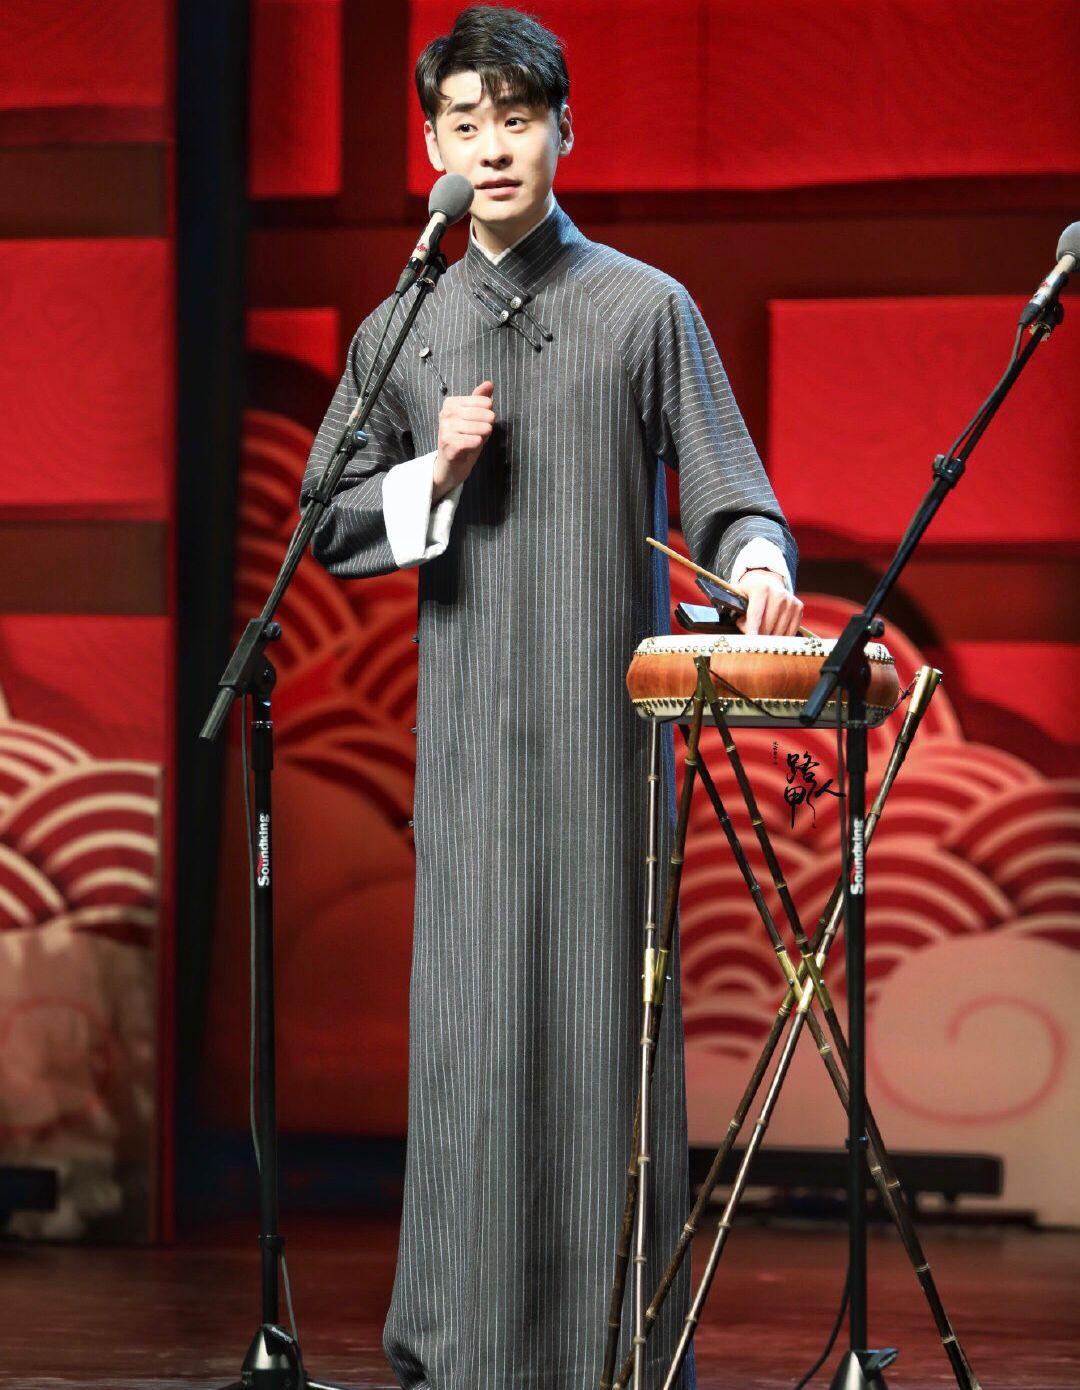 张云雷北京专场正常举行,非遗项目成表演重点之一